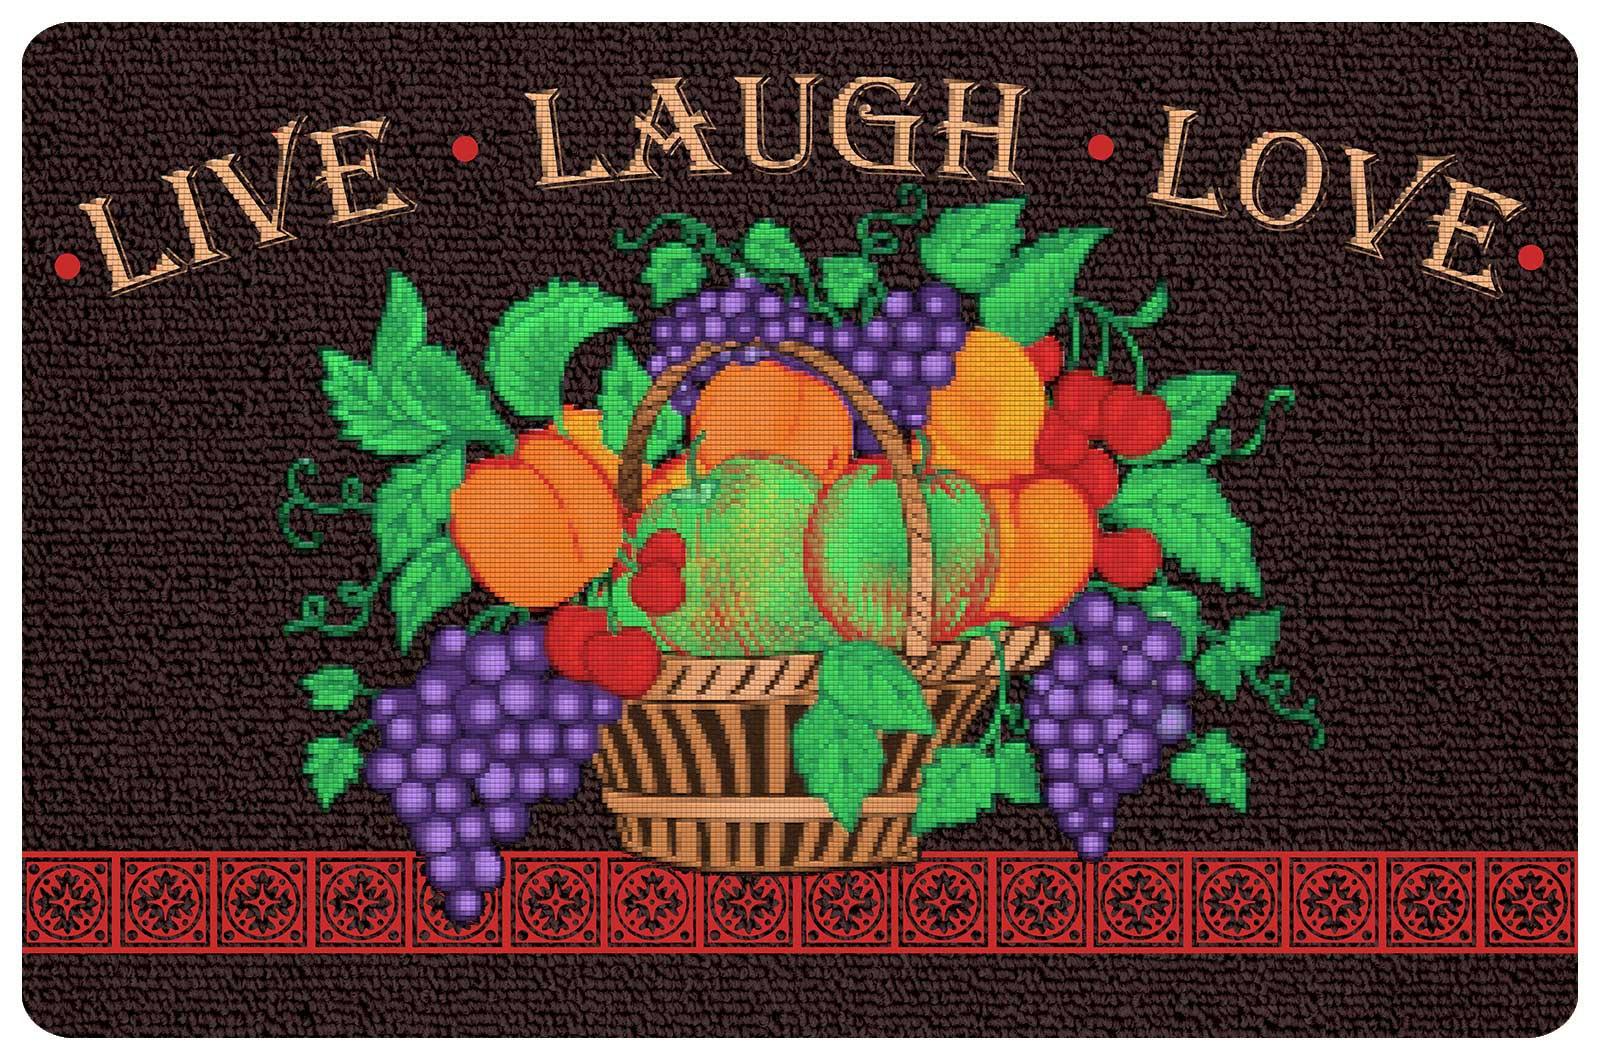 Best ideas about Live Laugh Love Kitchen Decor . Save or Pin Live Laugh Love Kitchen Mat in Floor Mats Now.